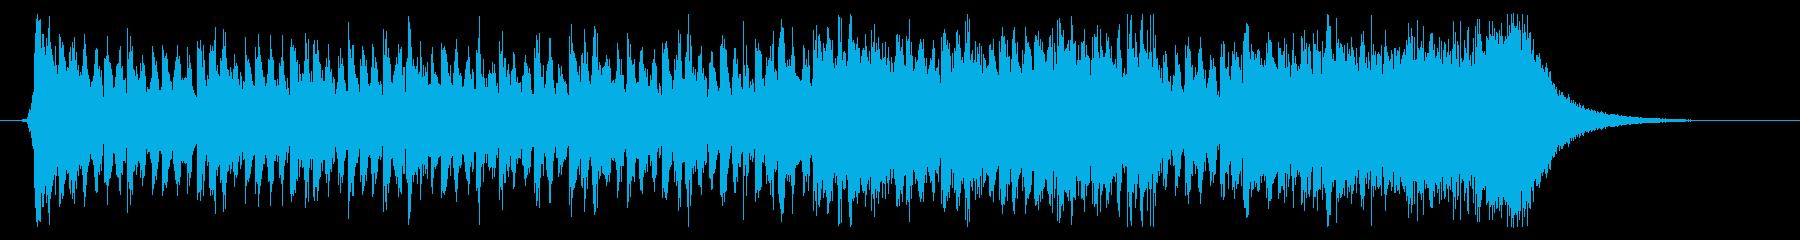 緊張感漂う劇伴風オーケストラBGMの再生済みの波形